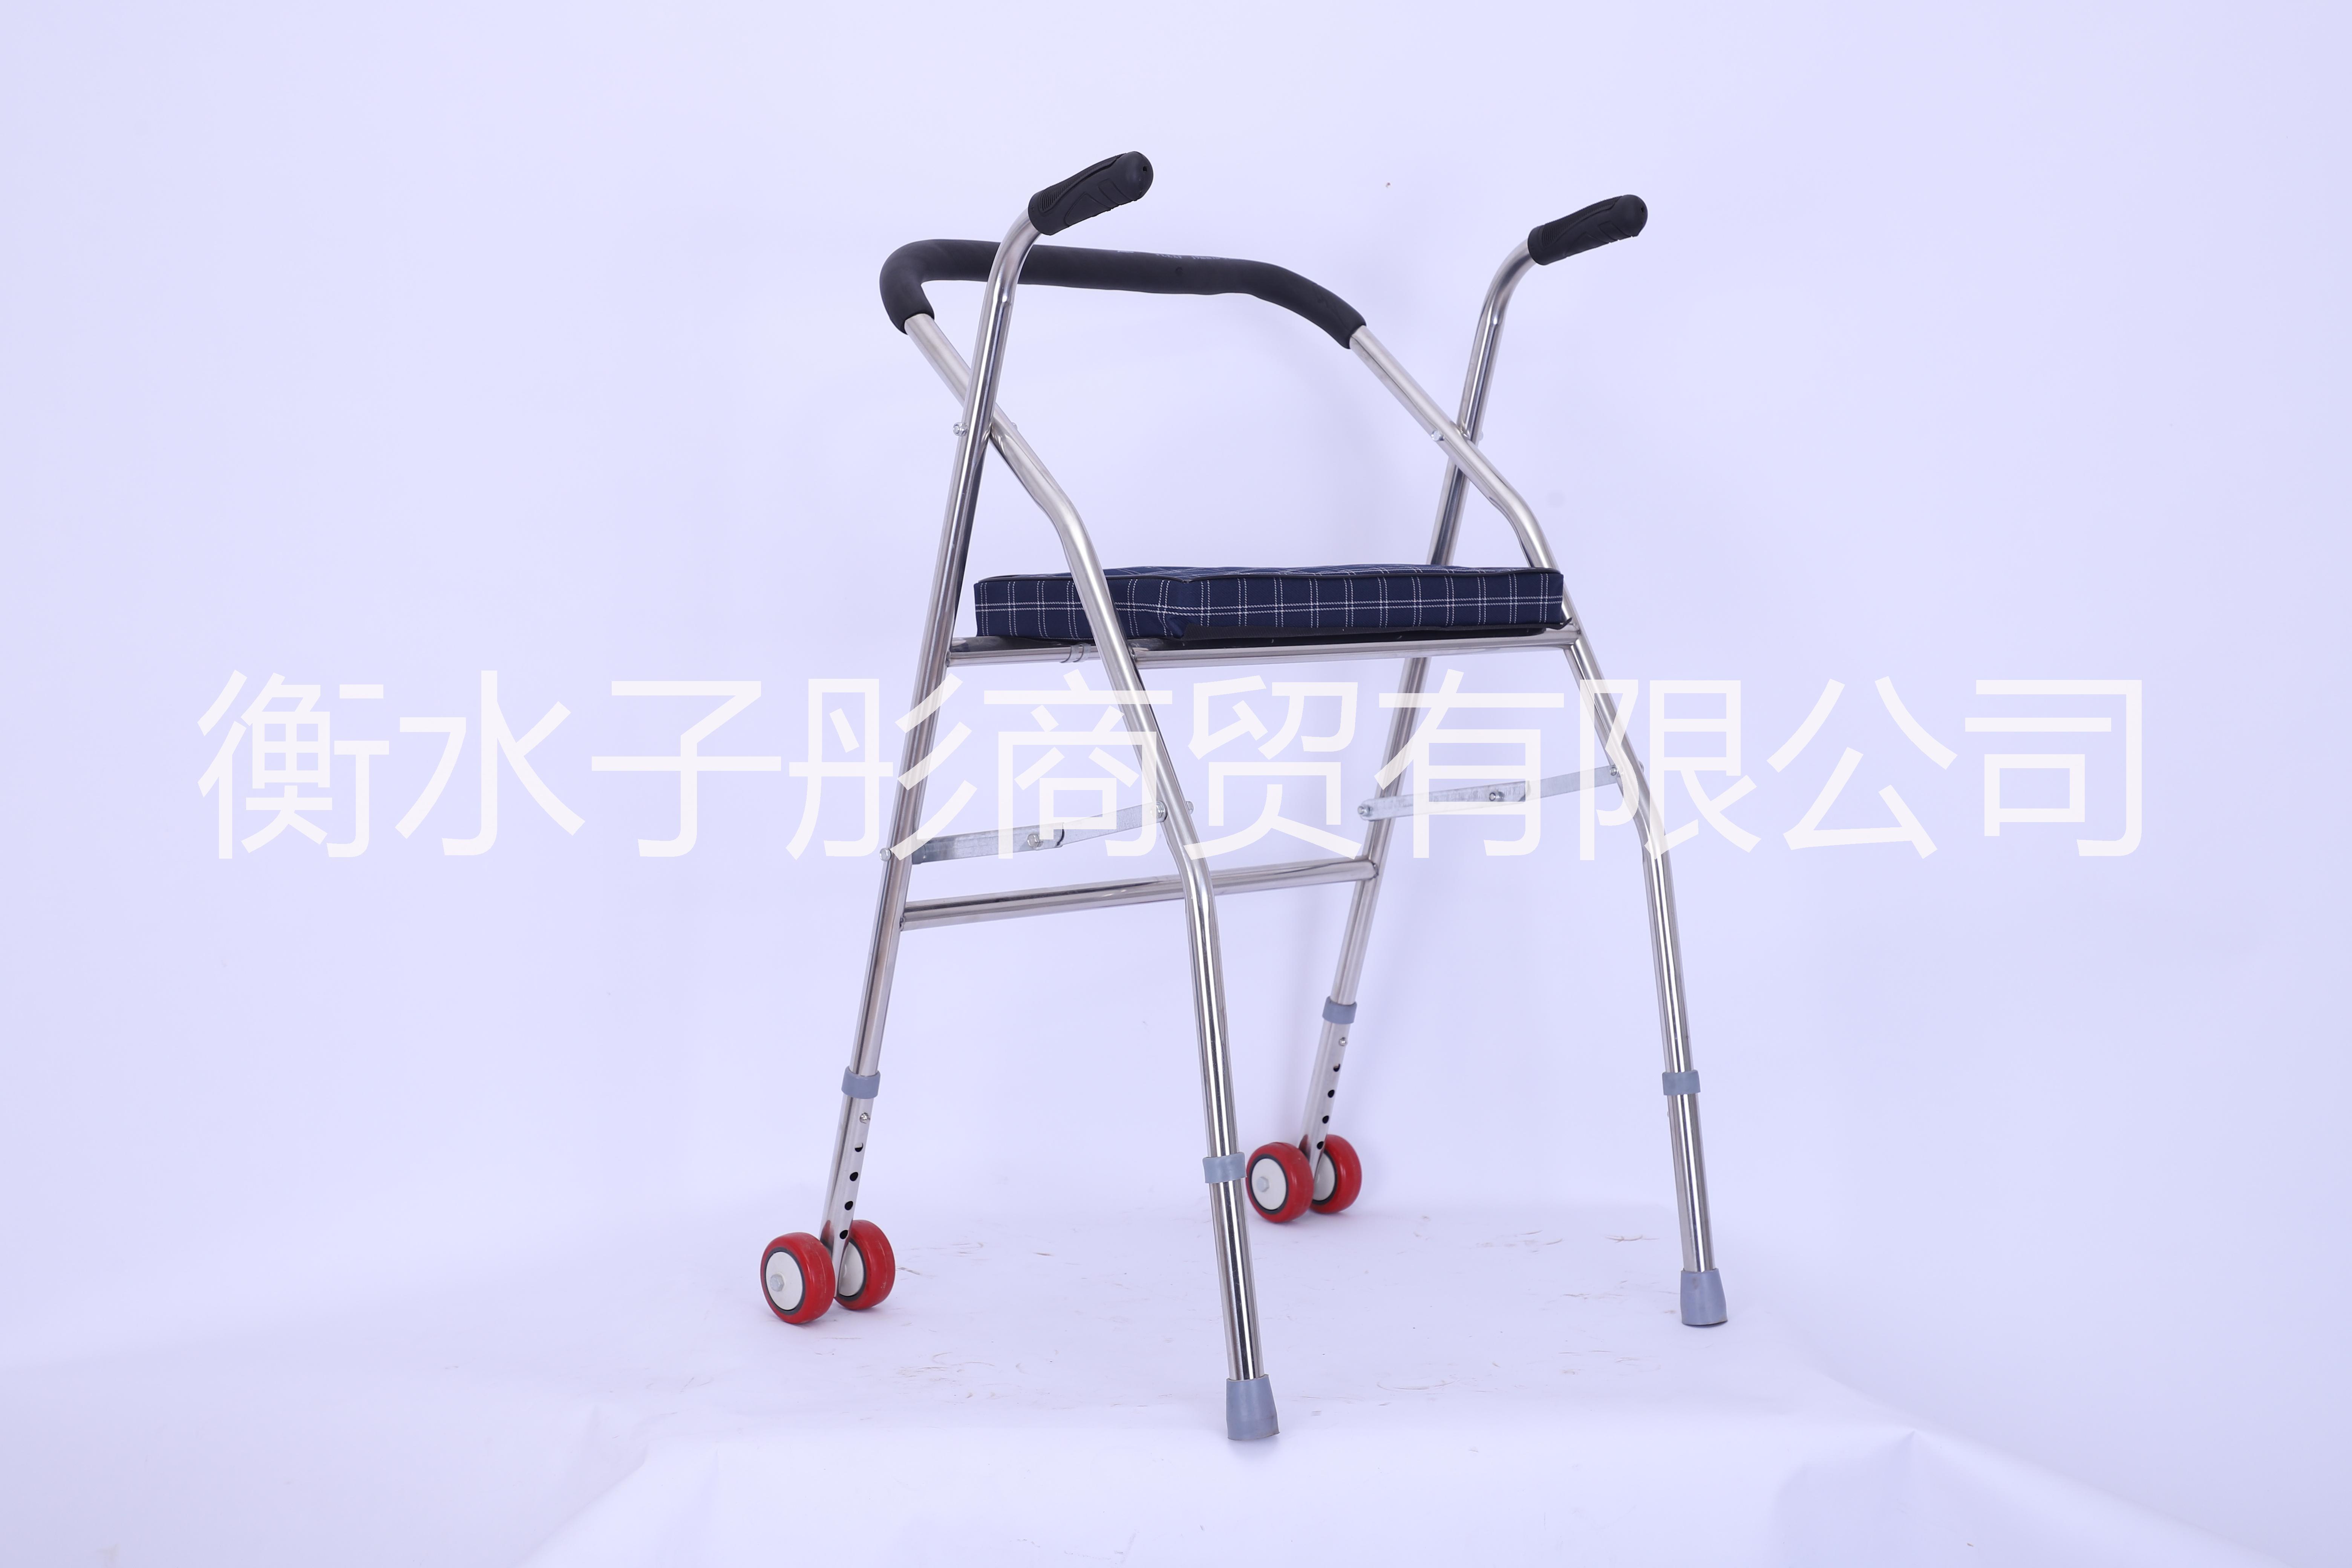 老人助行车价格 老人助行车哪里好老人助行车供应商全钢助行器厂家 老人助行车批发 轮座助行哪里质量好 老人助行车